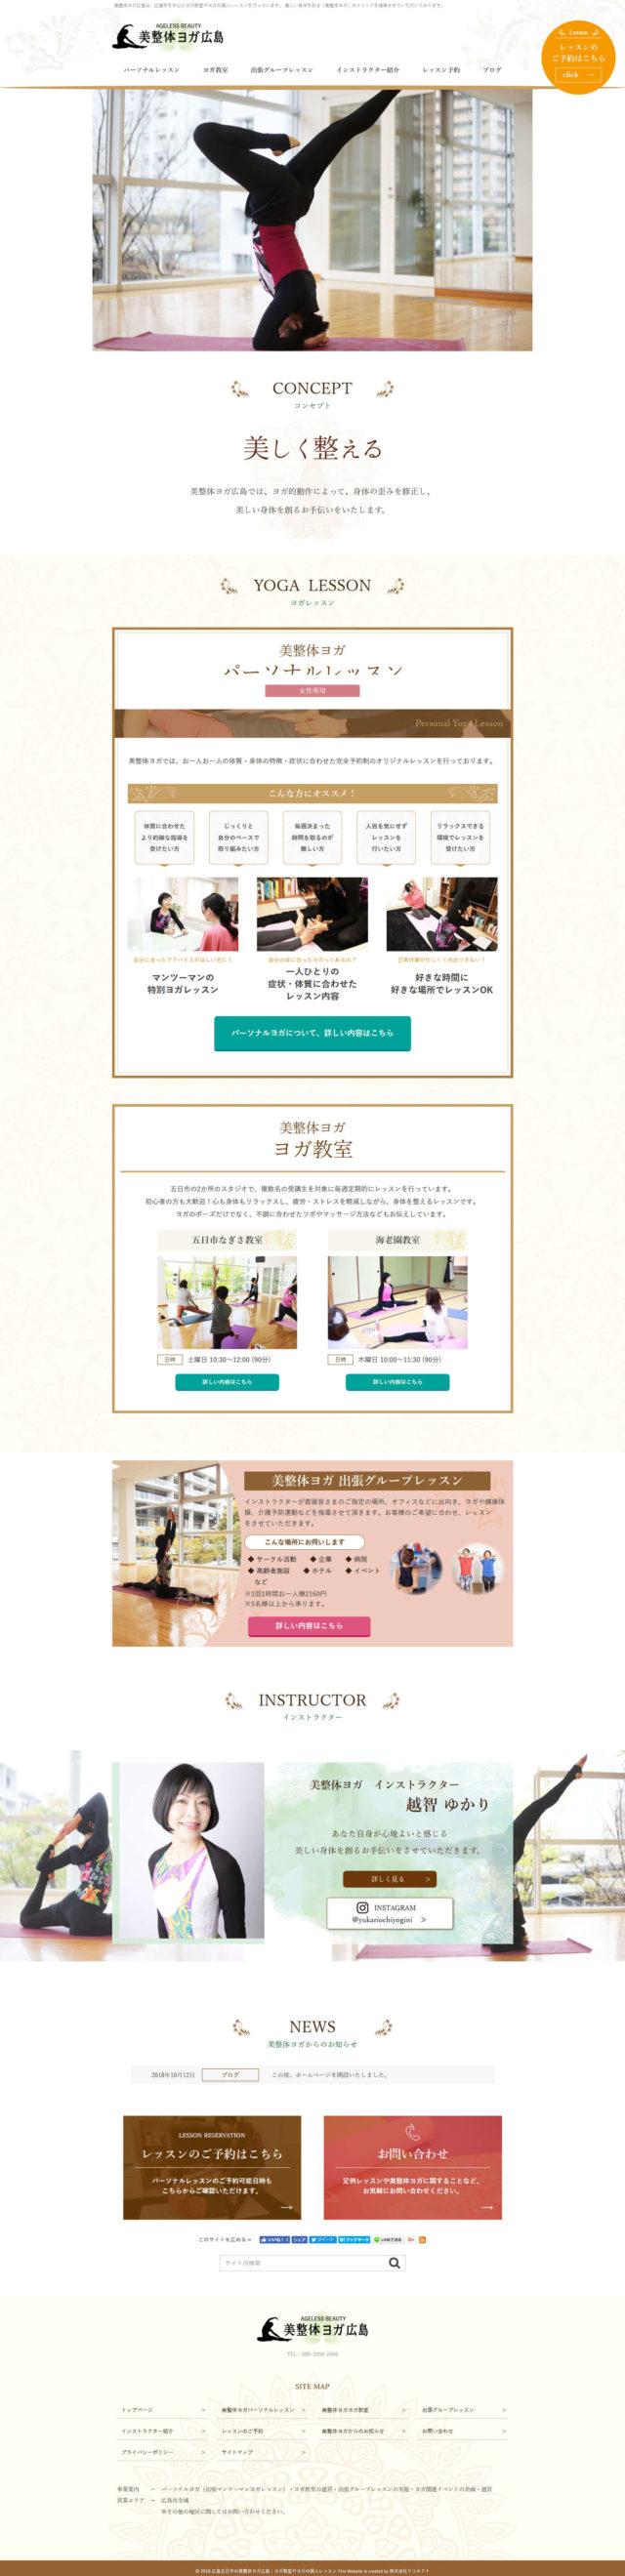 広島県広島市 ヨガ教室・パーソナルレッスンの美整体ヨガ広島 様